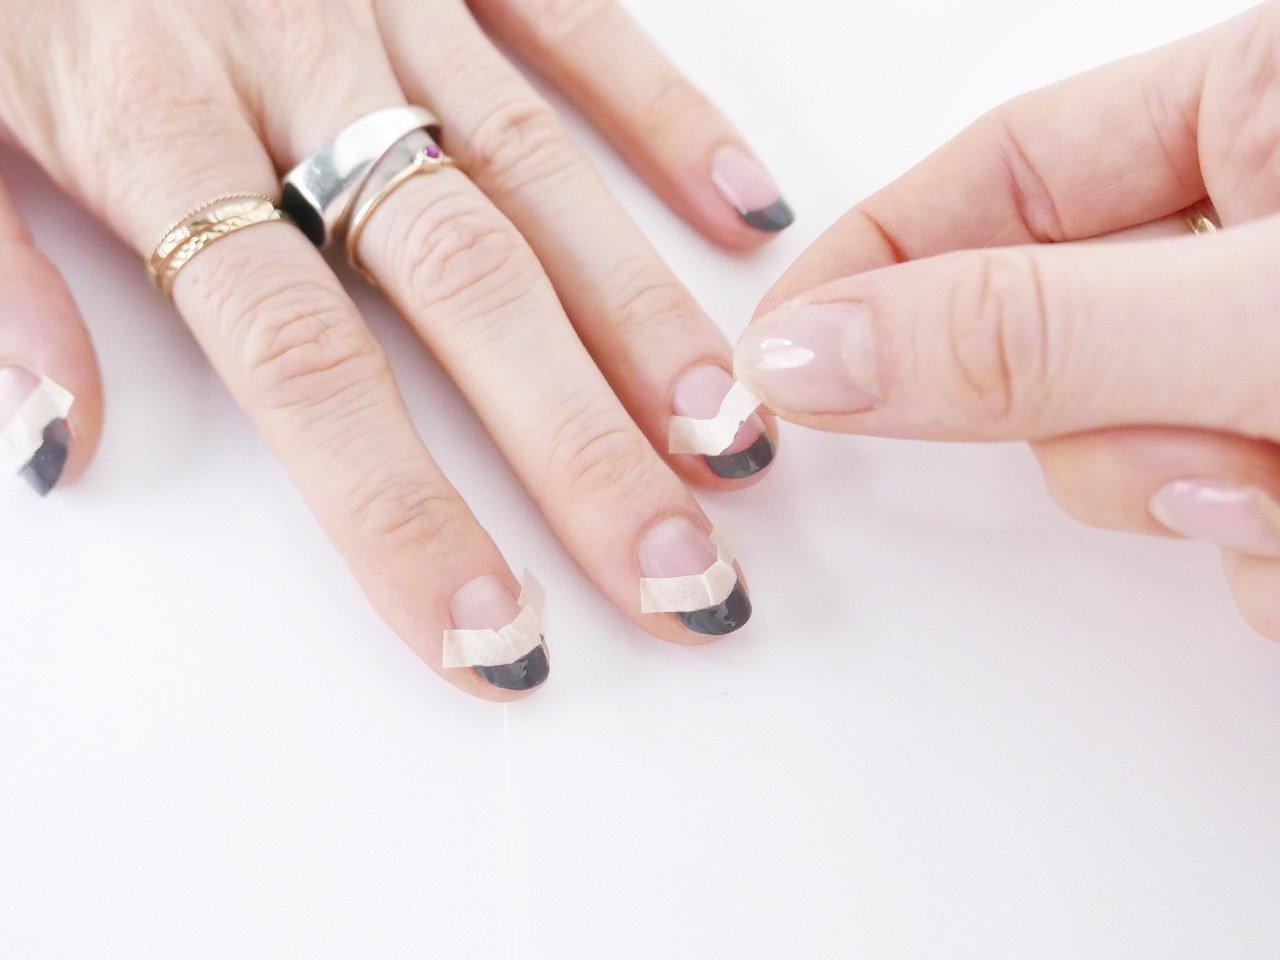 mẫu nail đẹp phong cách nhẹ nhàng